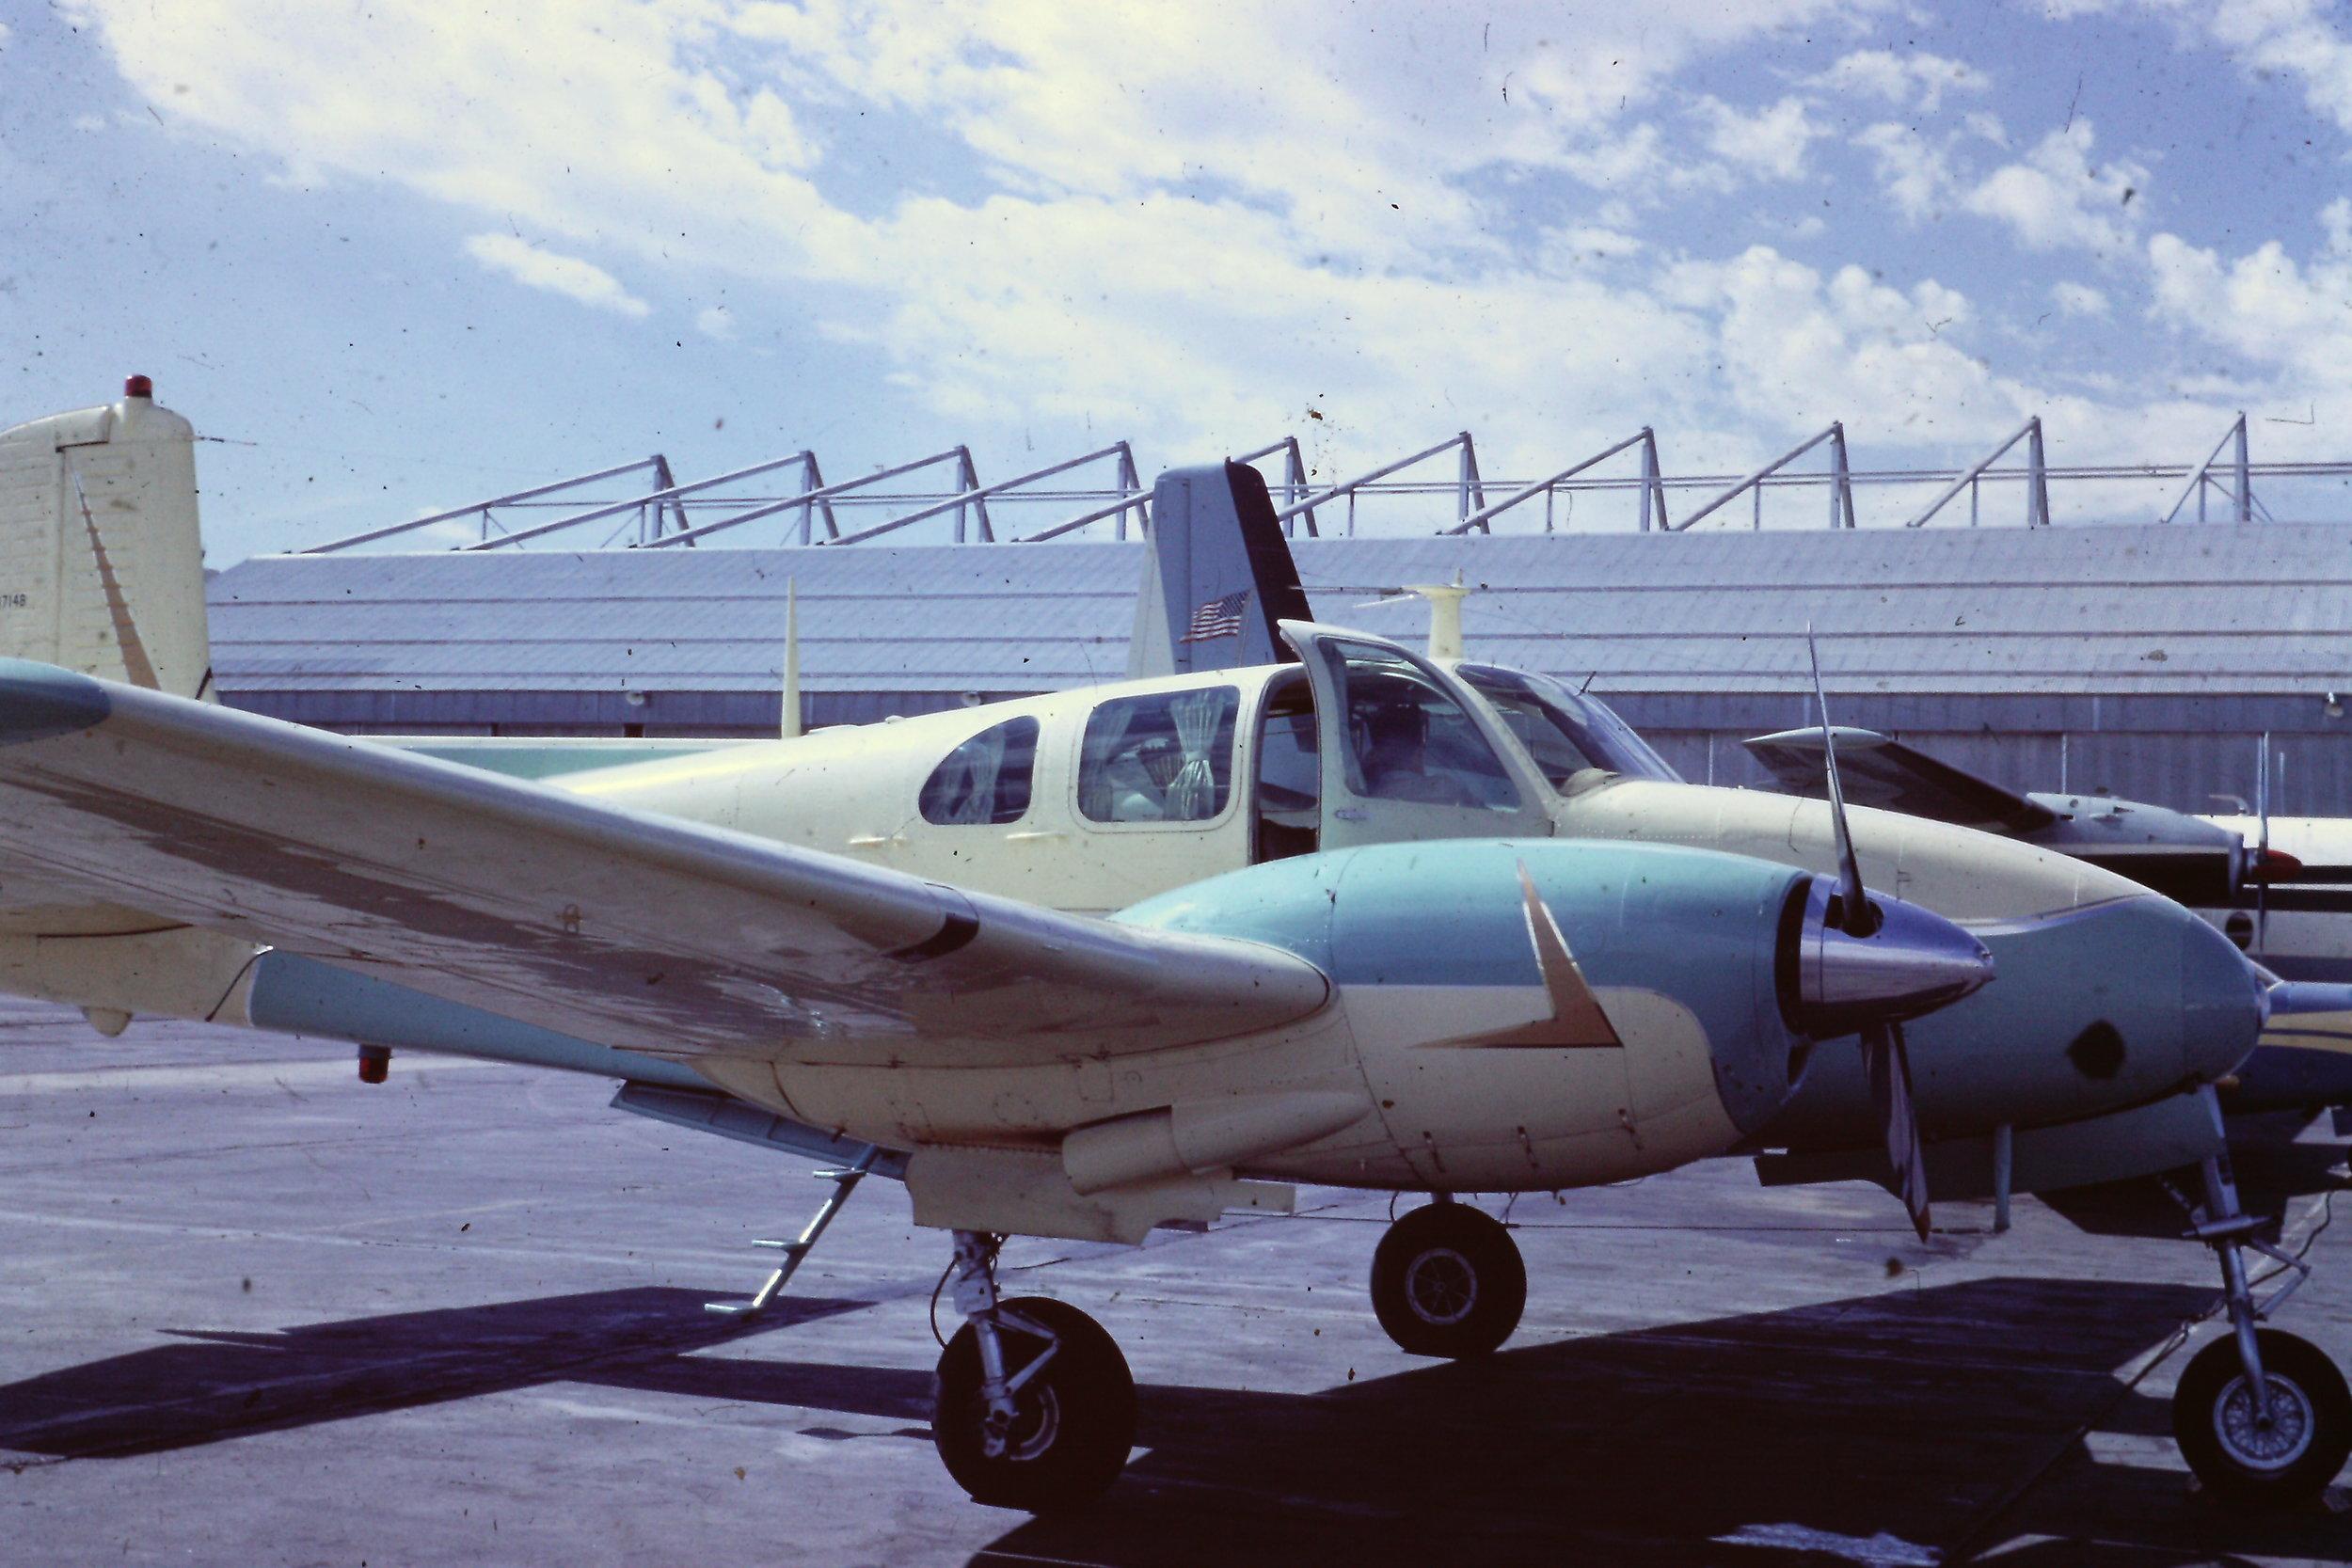 Donald A. Gravenstein's Plane